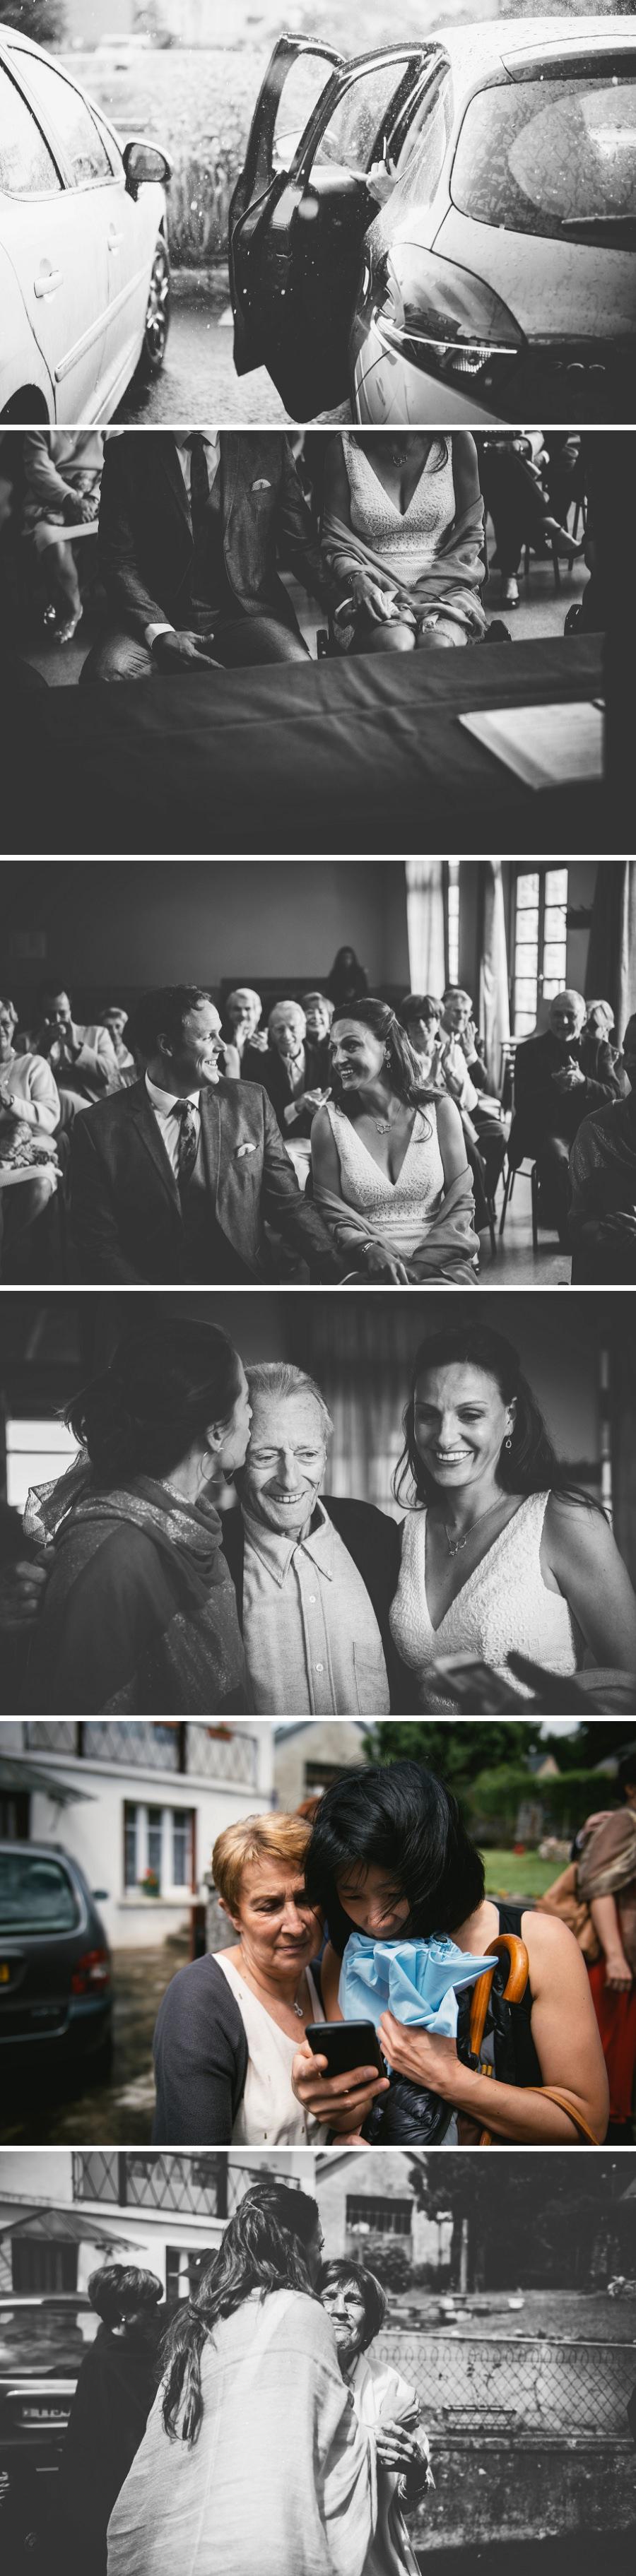 photographe de mariages dans le Cantal